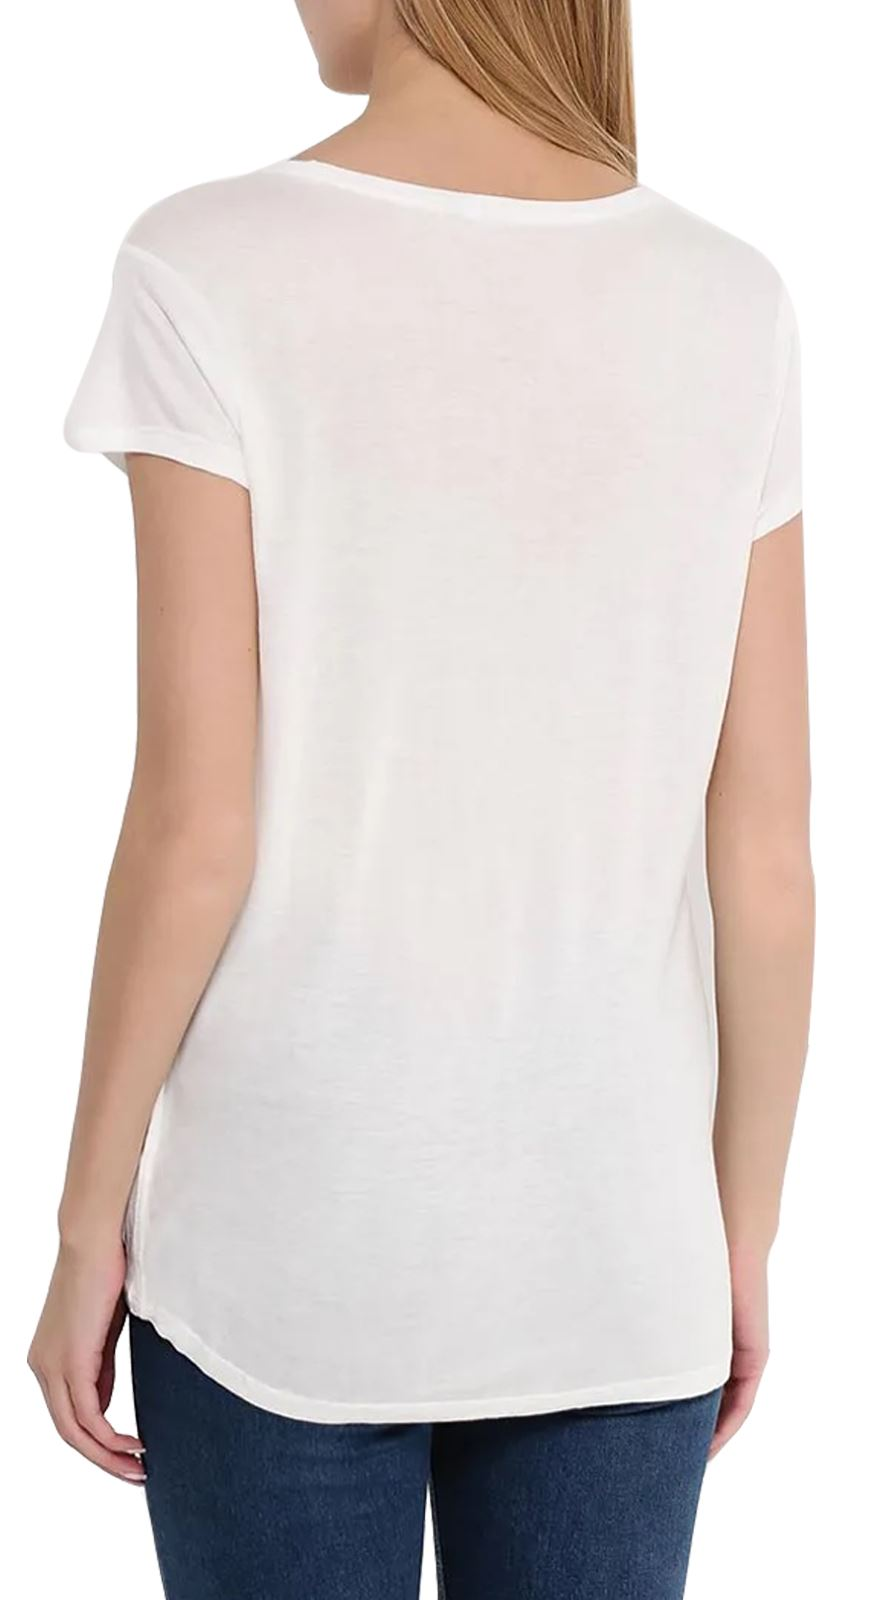 Senoras-Brave-Soul-Camiseta-manga-Hotfix-STUD-diseno-de-impresion-de-la-Tapa-Para-mujeres-Verano-Top miniatura 12